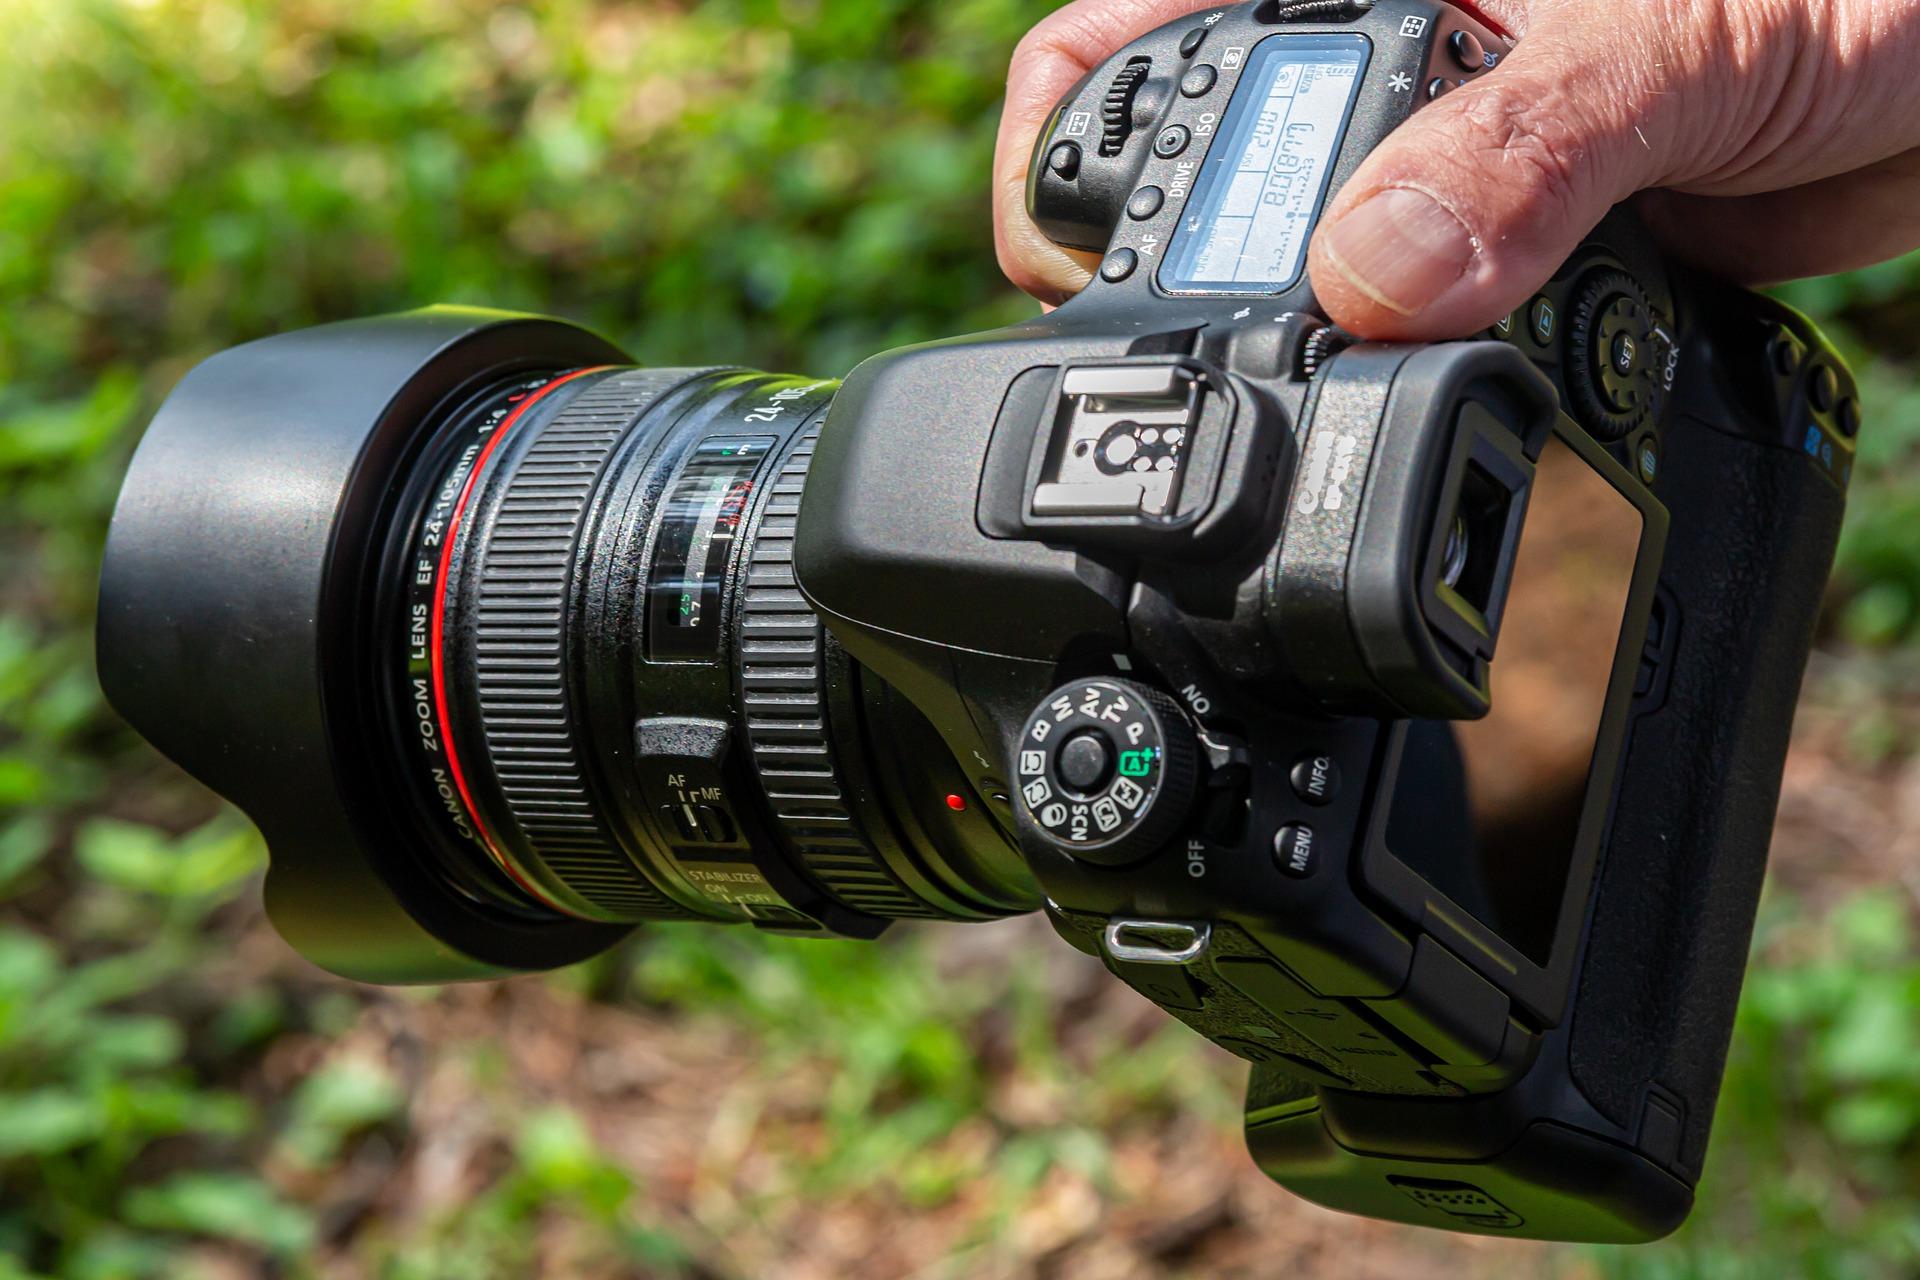 Camera onderzoek FEDS-Recherchebureau